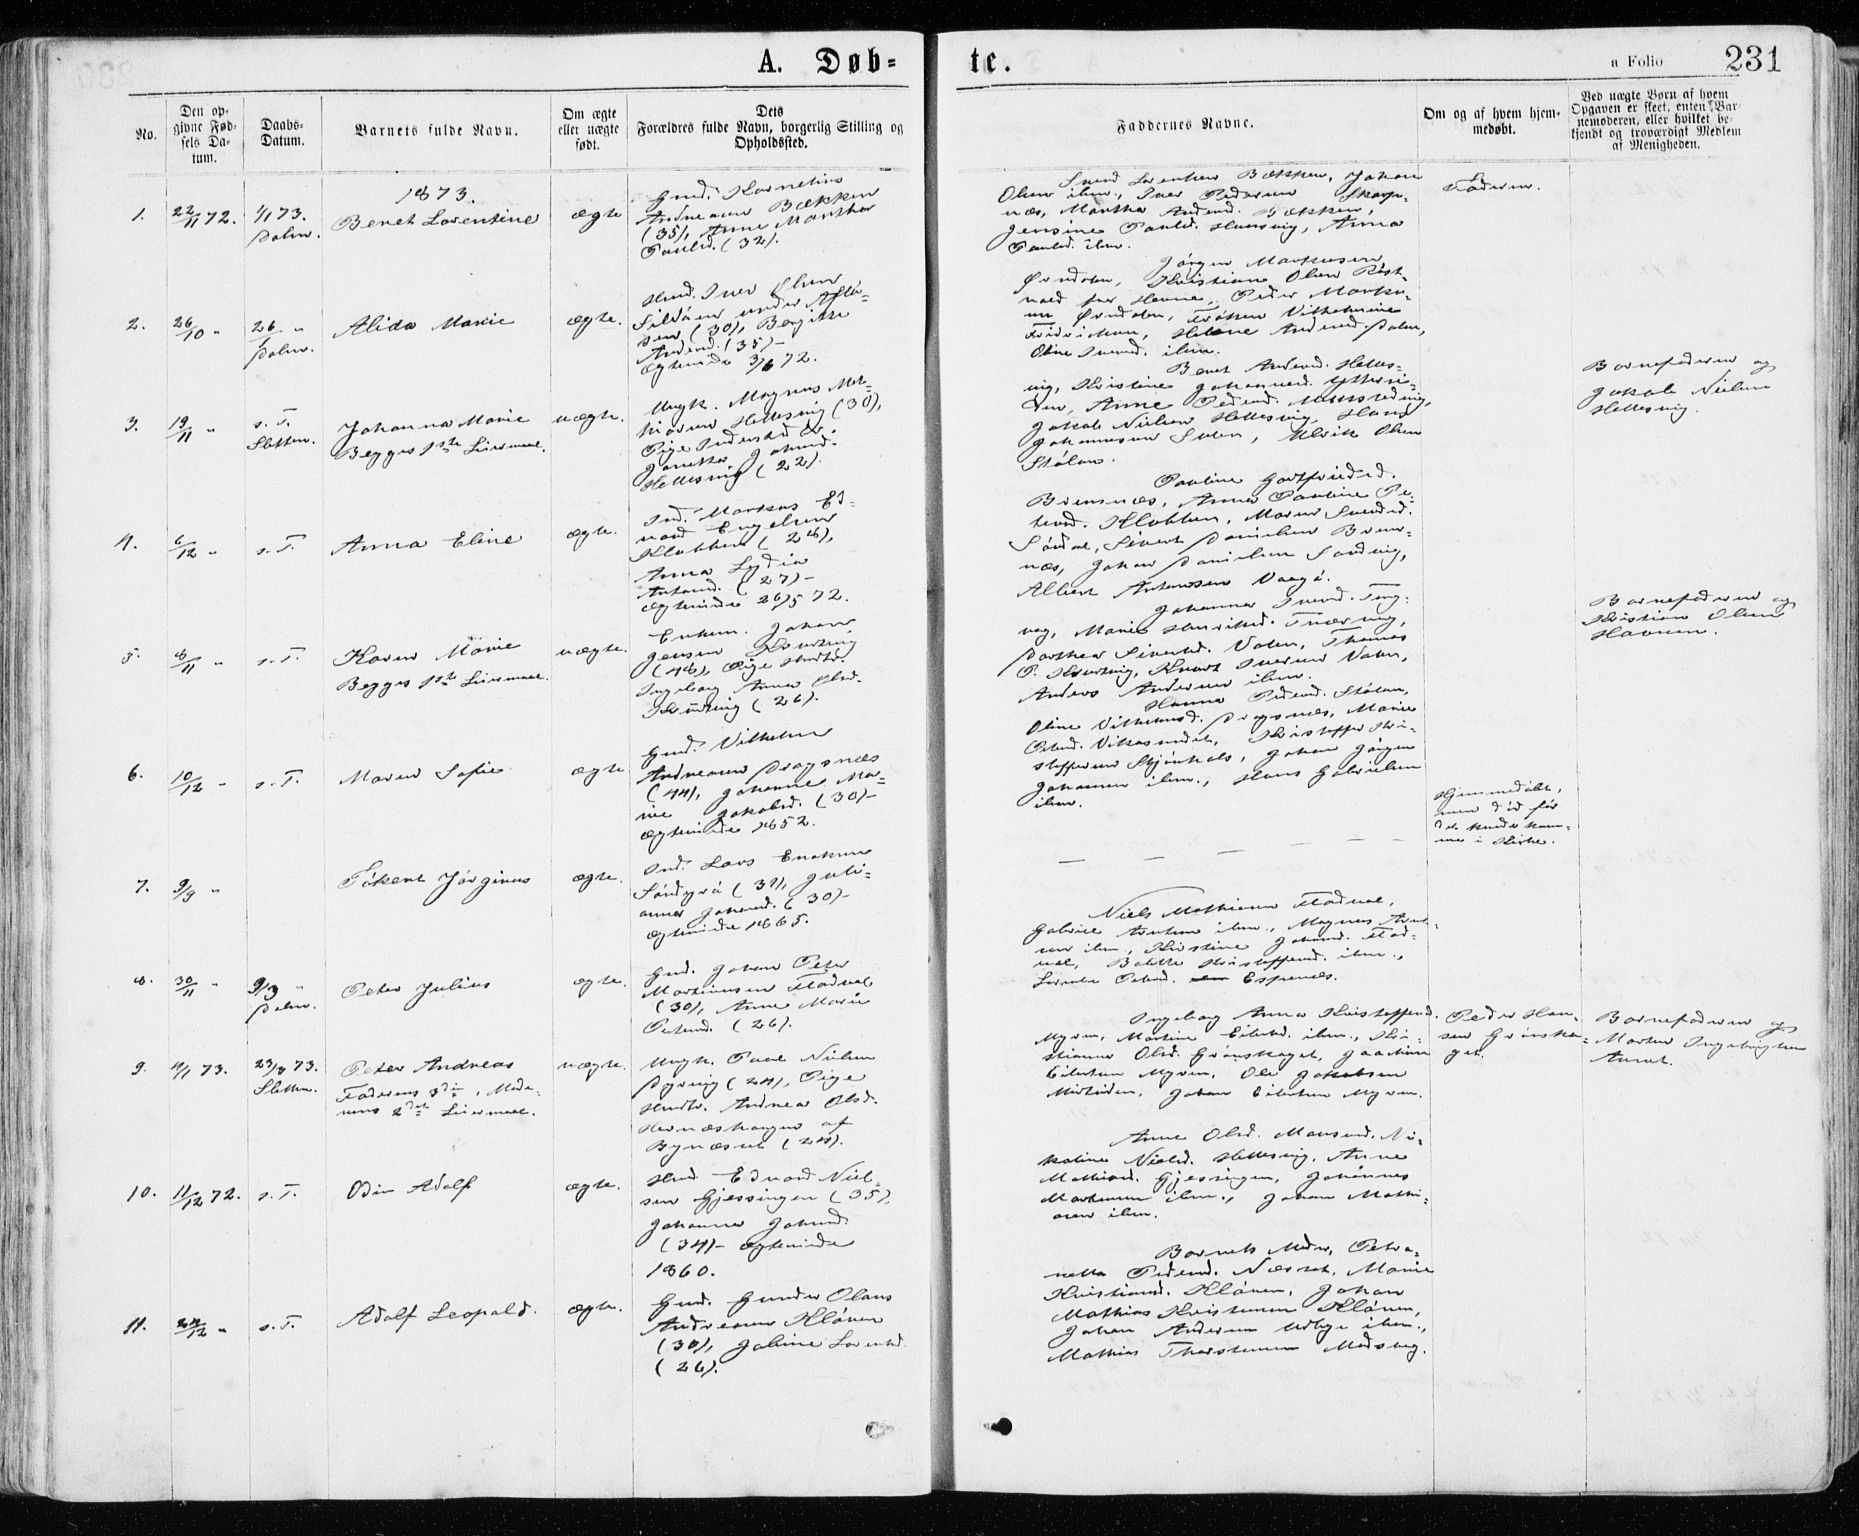 SAT, Ministerialprotokoller, klokkerbøker og fødselsregistre - Sør-Trøndelag, 640/L0576: Ministerialbok nr. 640A01, 1846-1876, s. 231